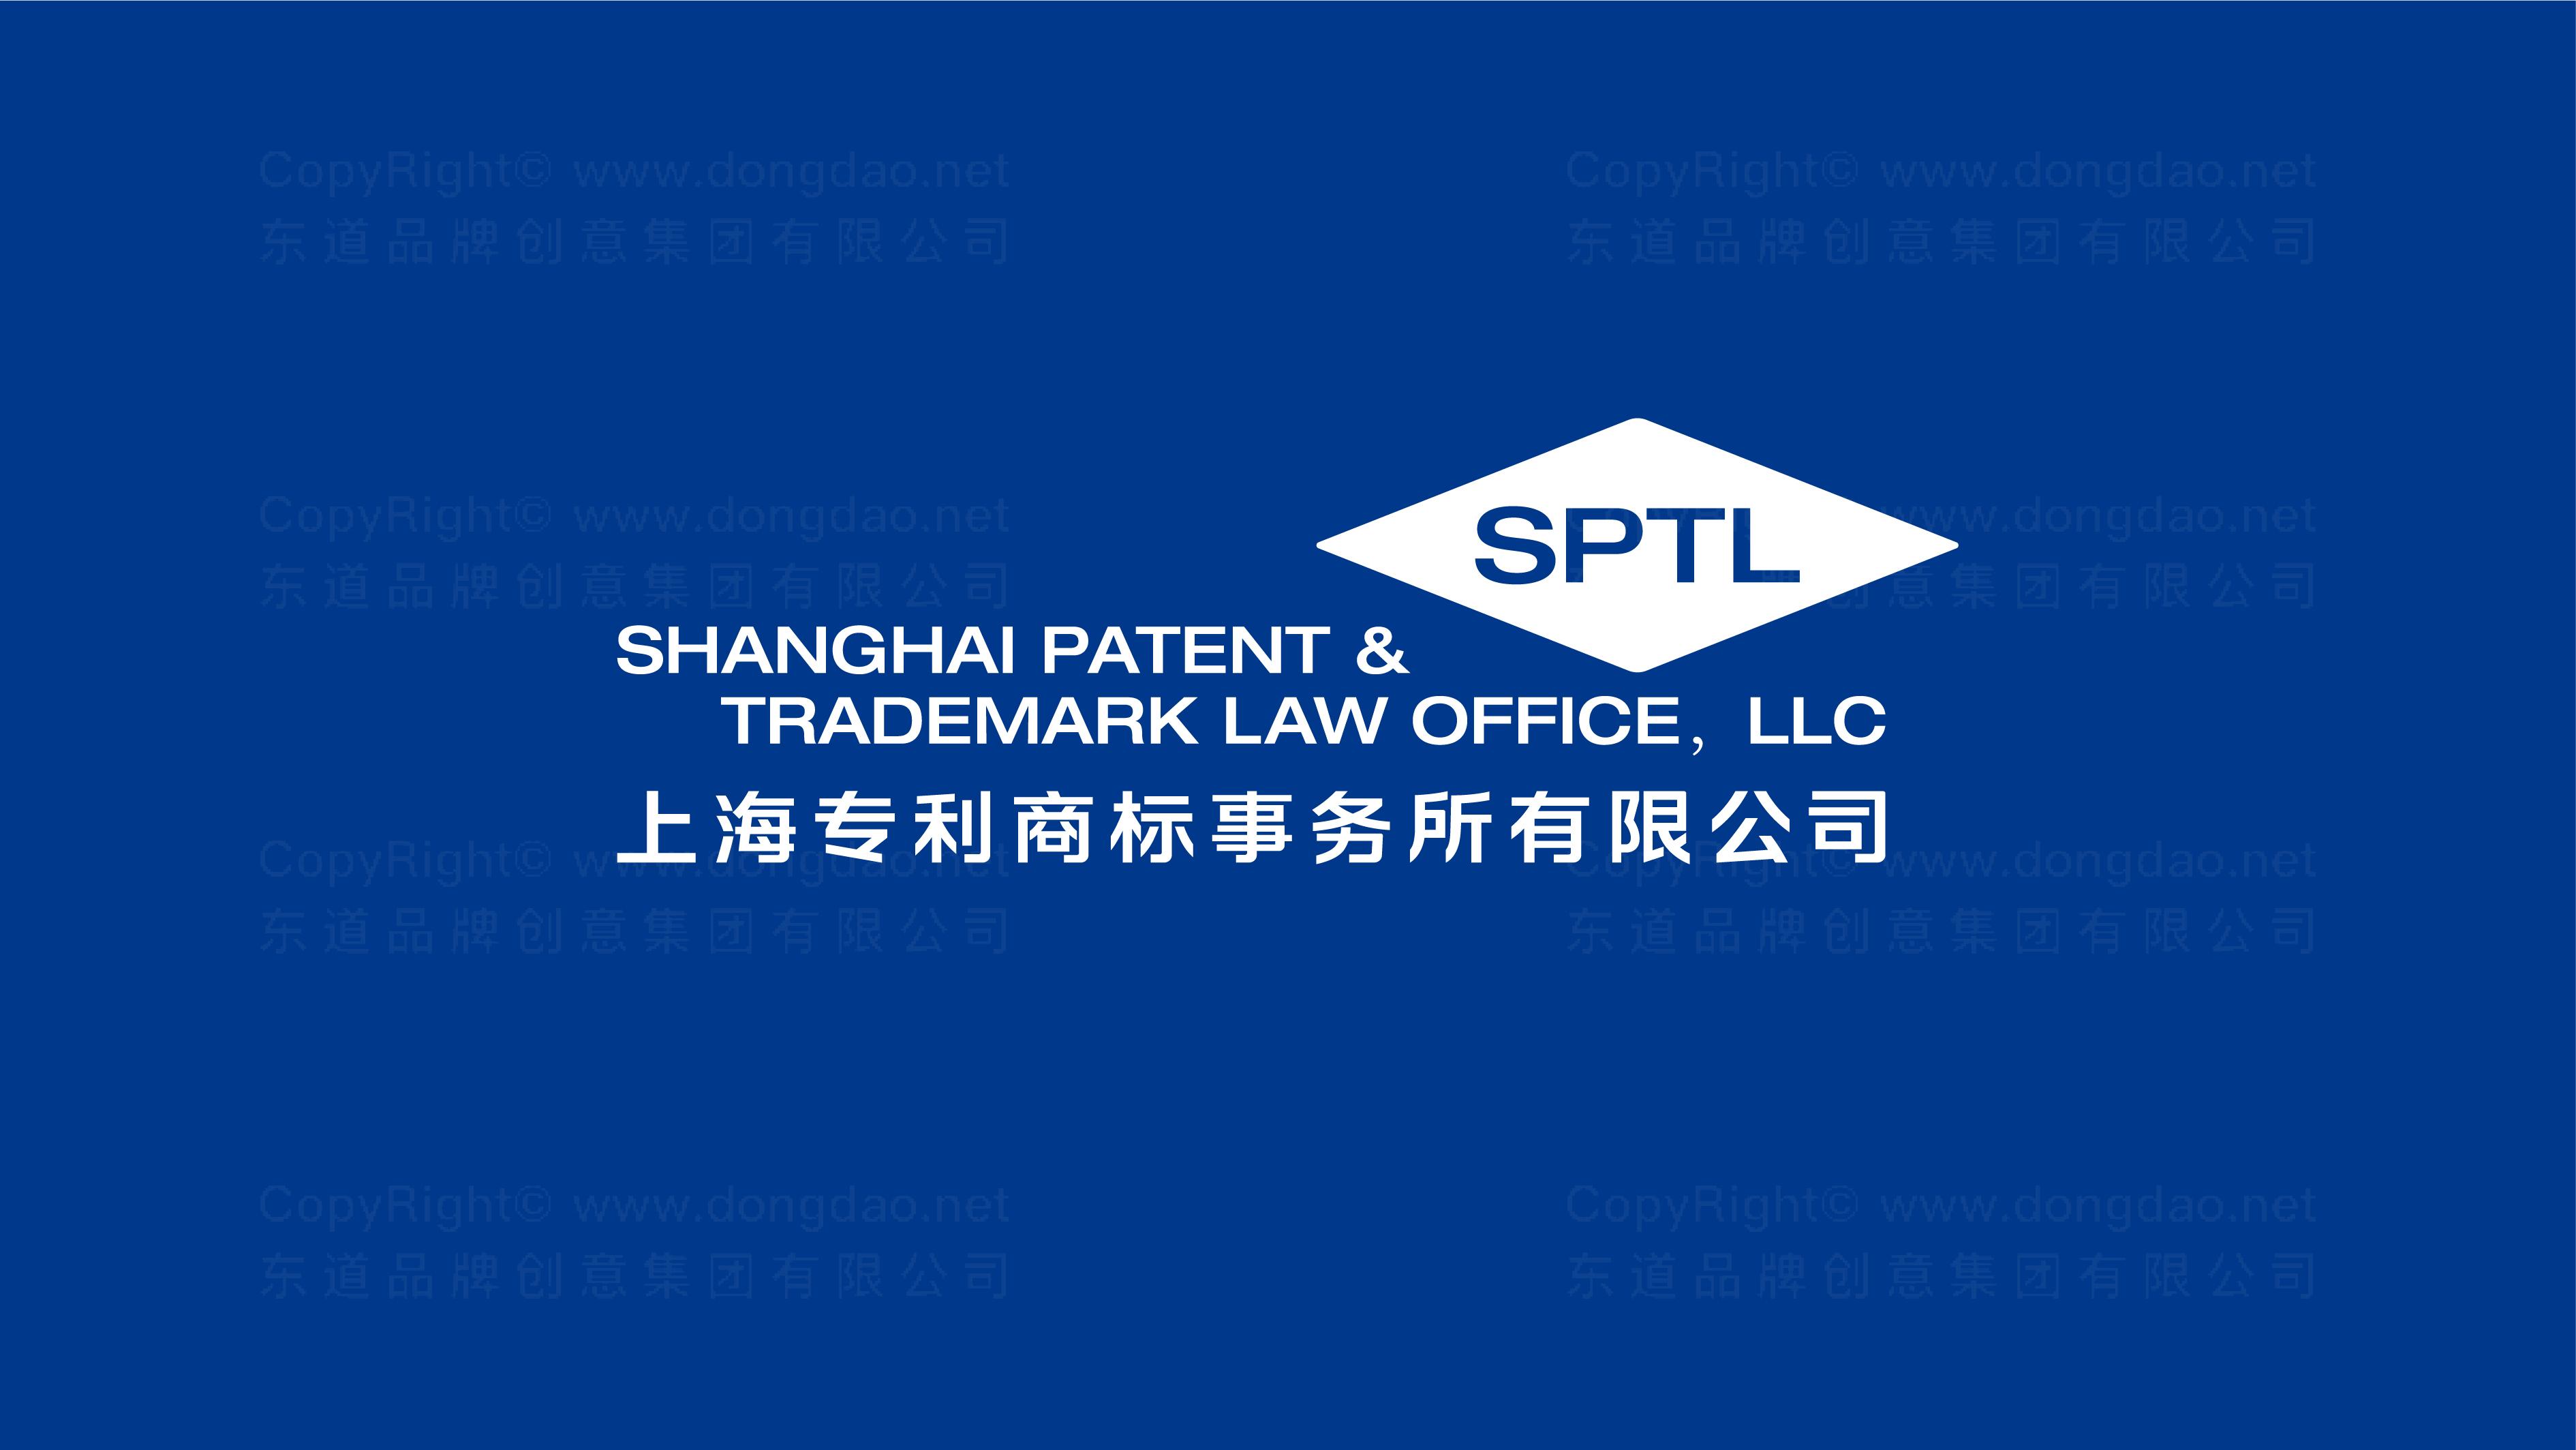 品牌设计上海专利商标事务所有限公司标志设计应用